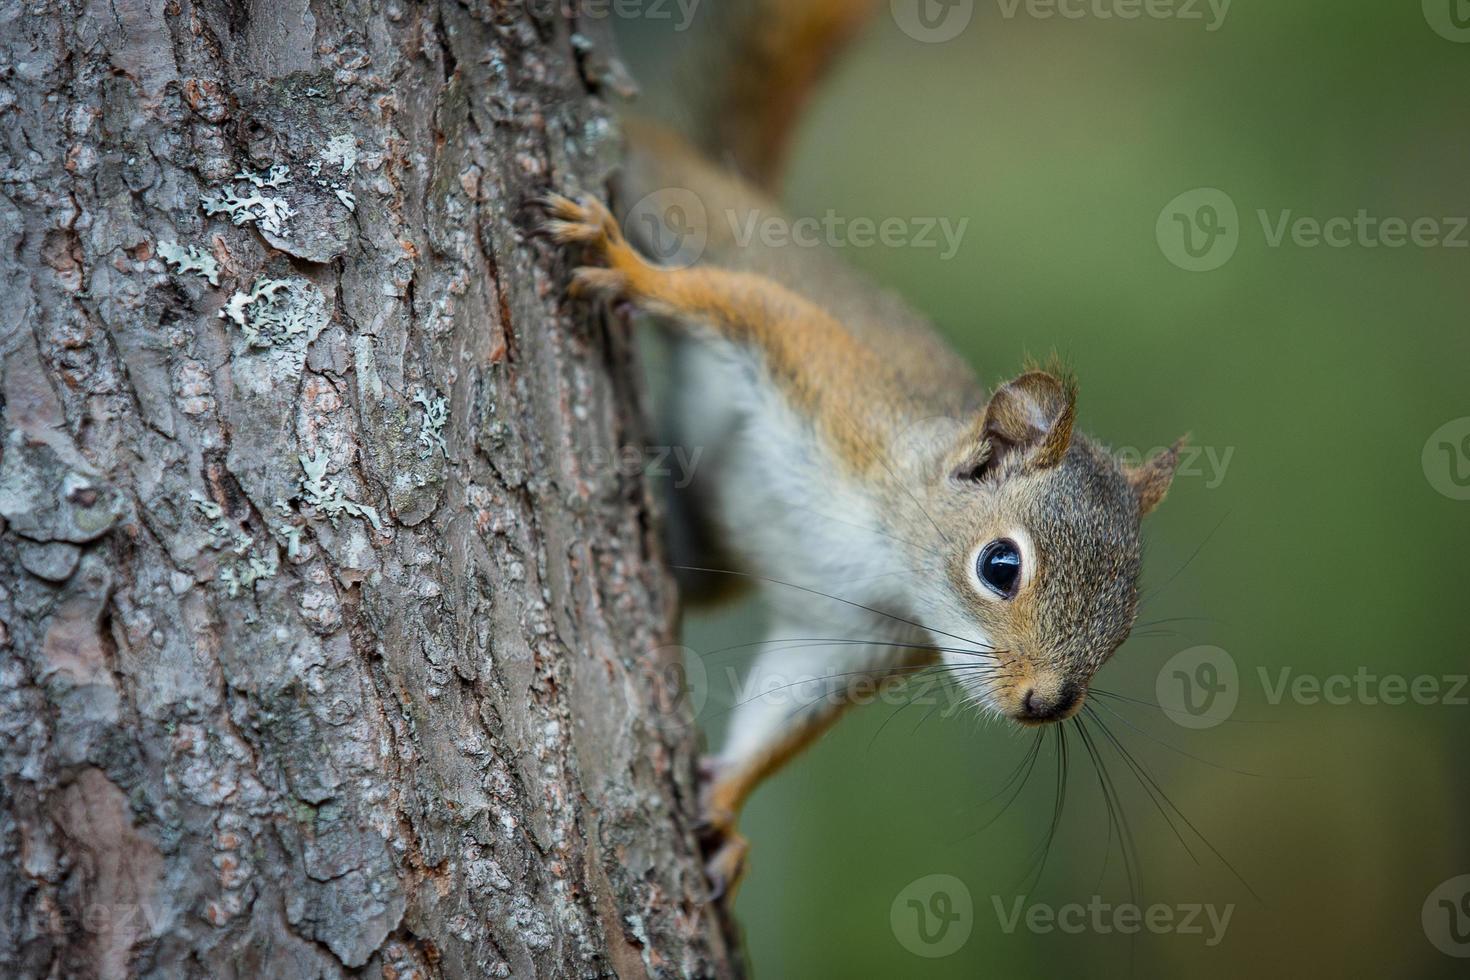 Noord-Amerikaanse eekhoorn klimmen op boom in de achtertuin foto